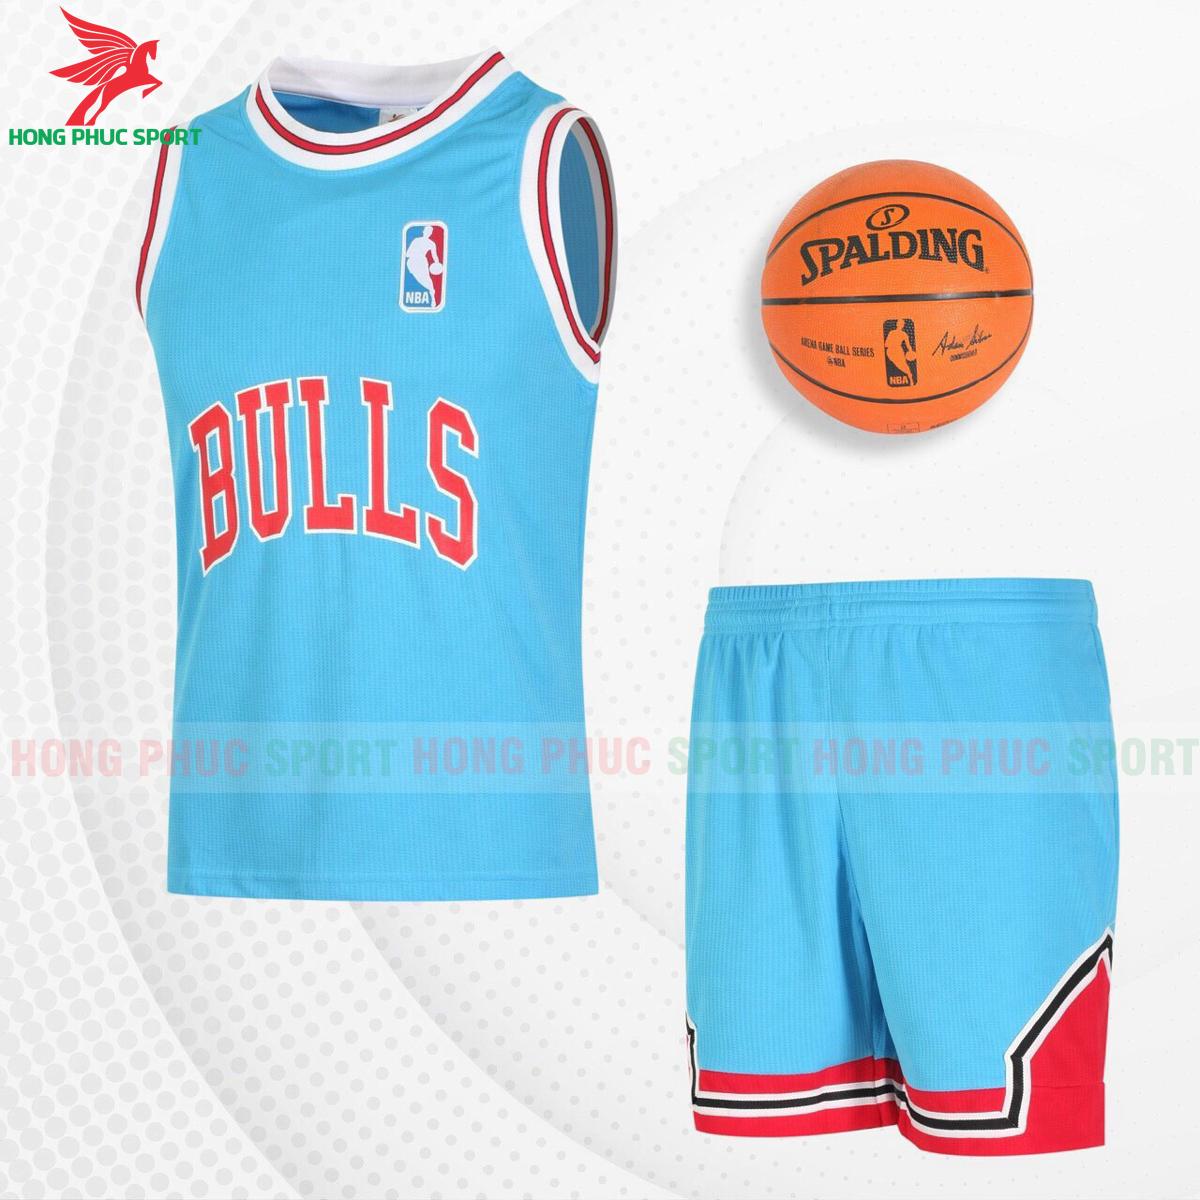 https://cdn.hongphucsport.com/unsafe/s4.shopbay.vn/files/285/ao-bong-ro-bulls-2021-2022-xanh-ngoc-609ddb165cc26.png